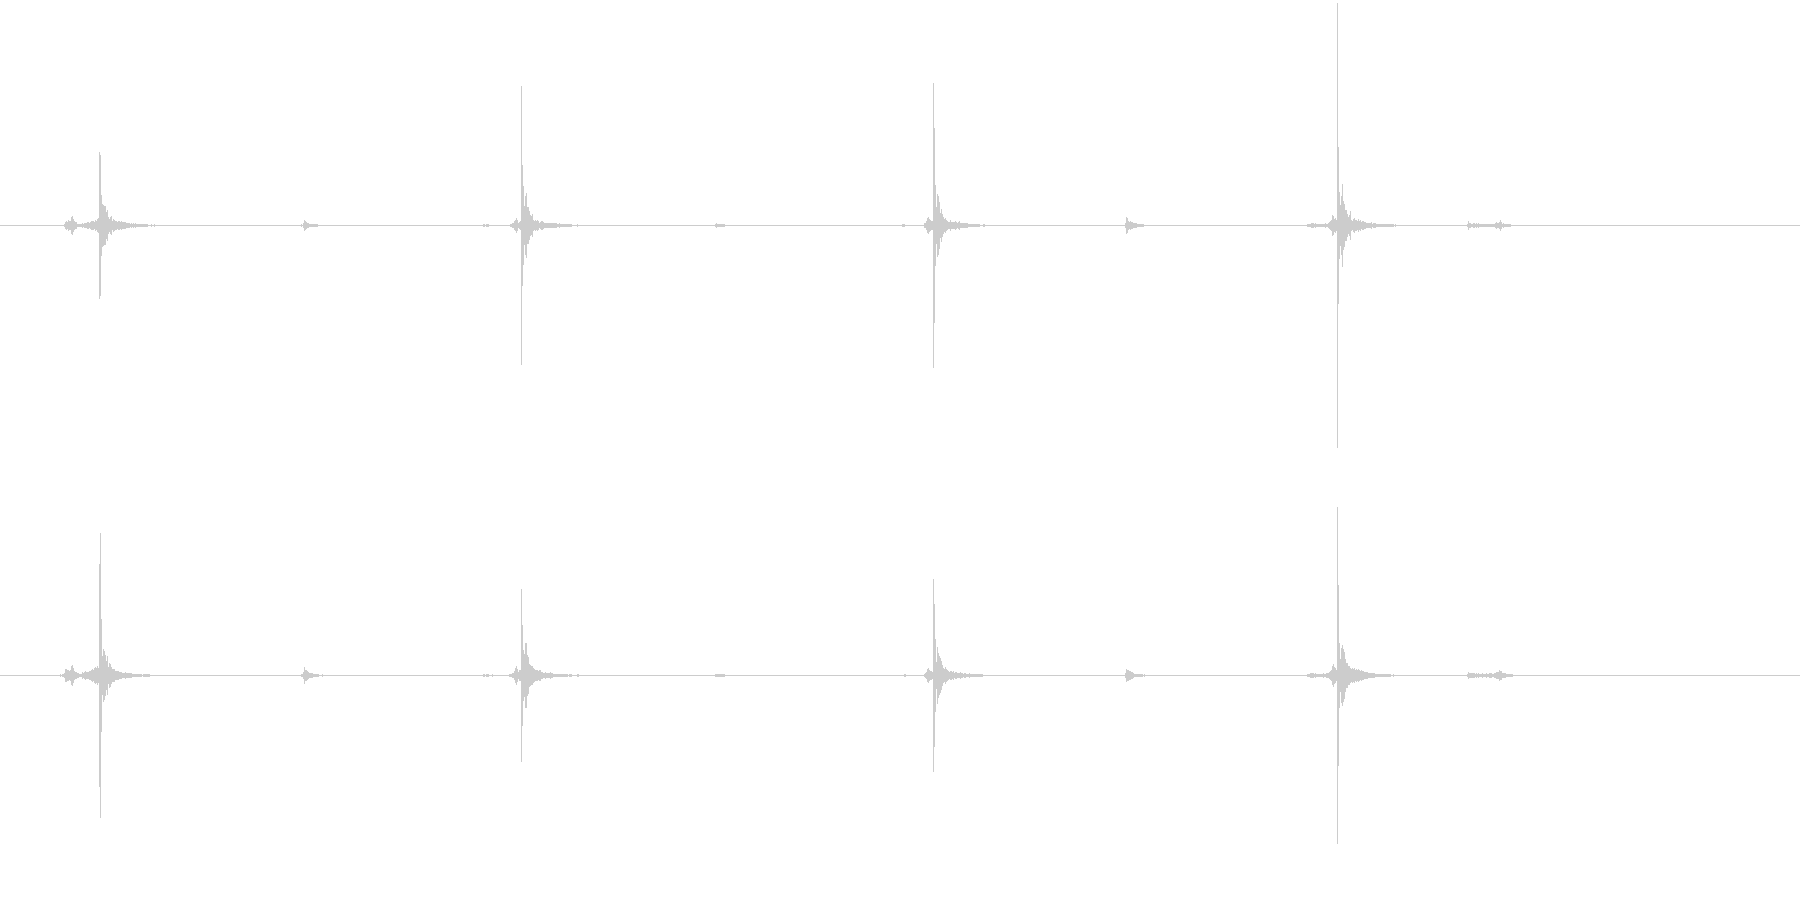 【生録音】ハサミの音 美容室 カット 5の未再生の波形